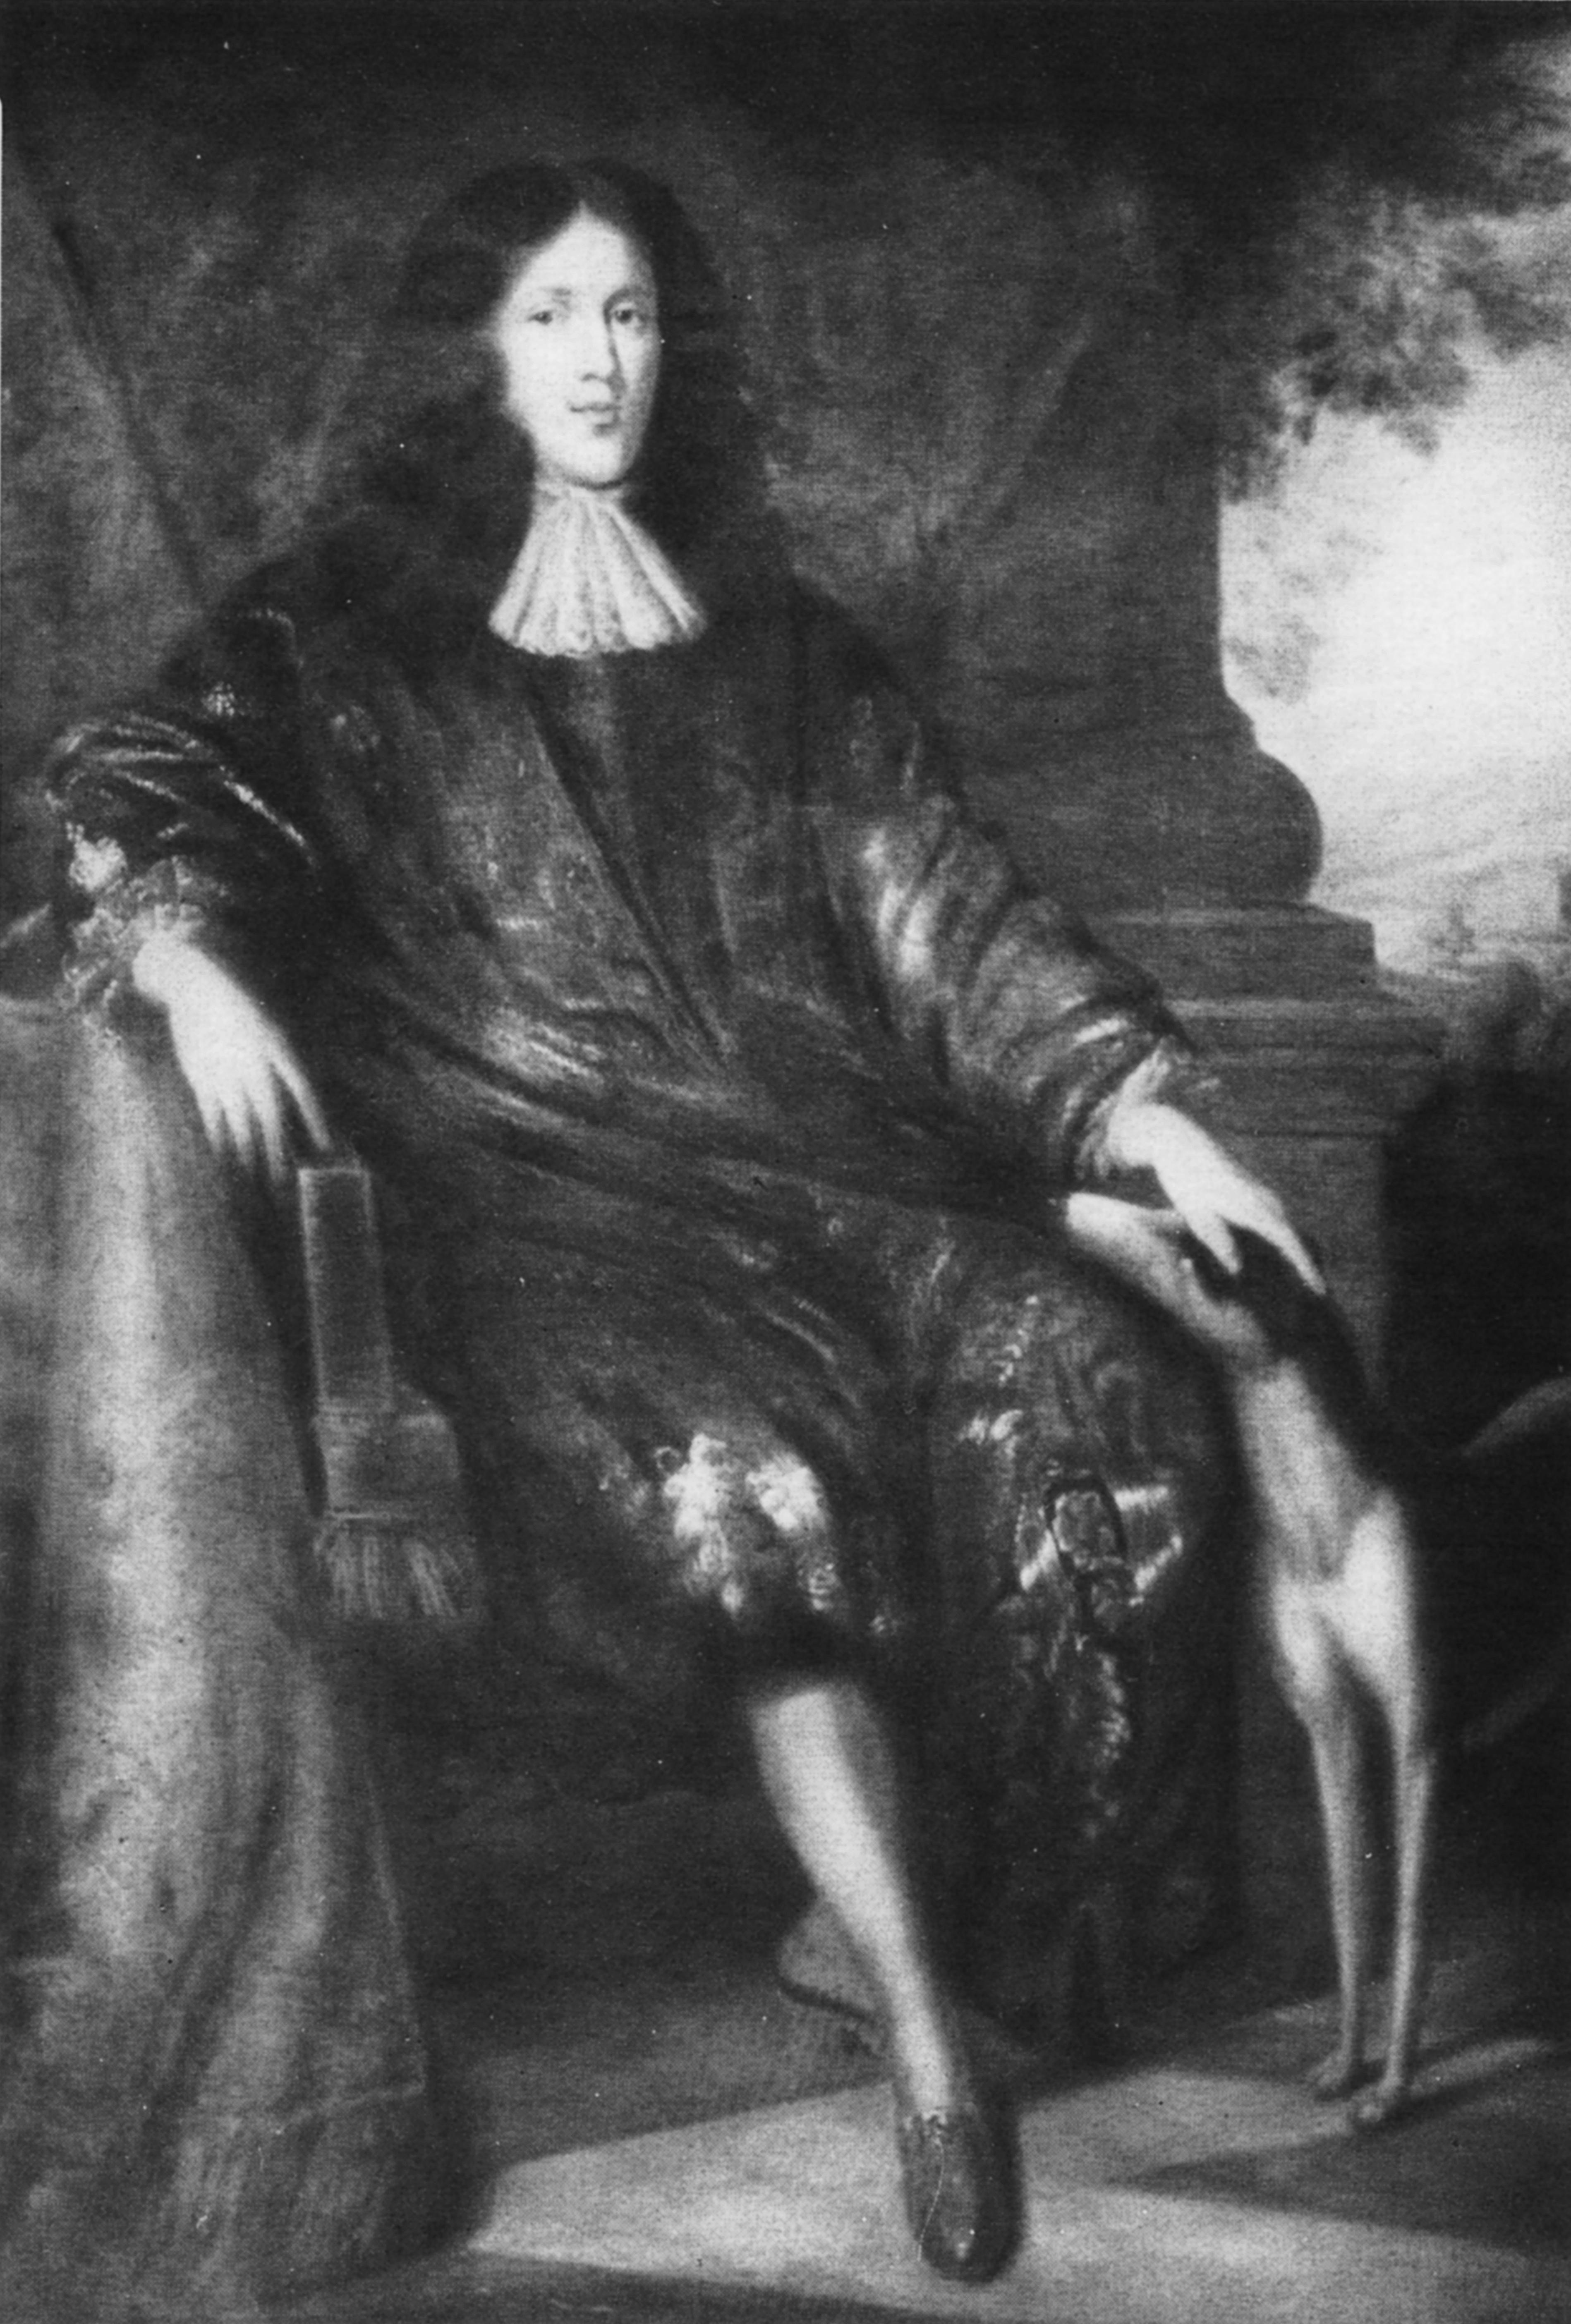 Dodo Reichsfreiherr zu Inn- und Knyphausen (1641 – 1698) Kurbrandenburgischer Hofkammerpräsident Gemälde von 1688 (Goedens)